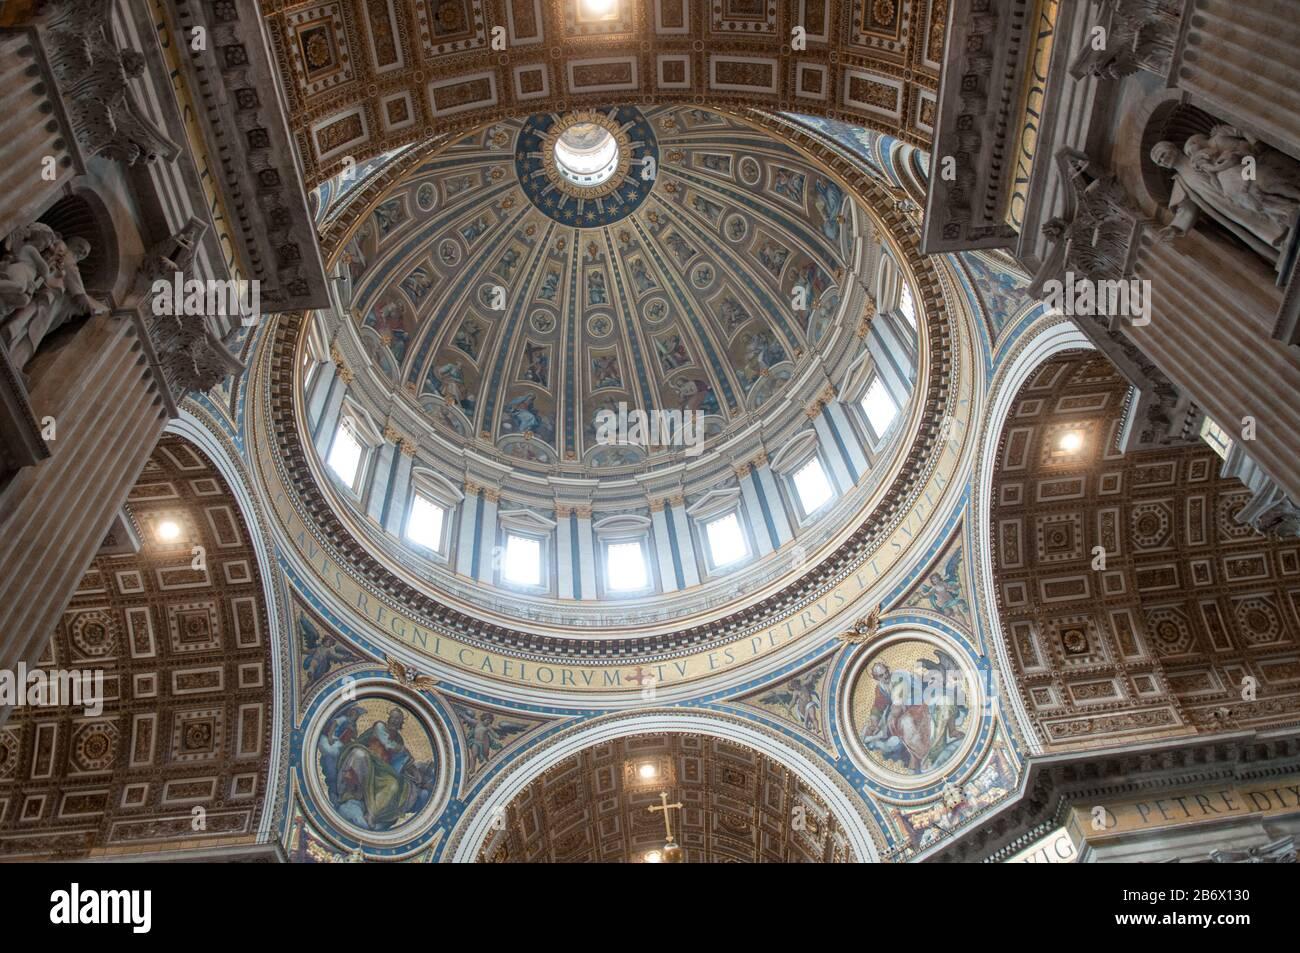 C'est une vue intérieure de la basilique Saint-Pierre de Rome (Vatican). Saint-Pierre est célèbre comme lieu de pèlerinage. Banque D'Images